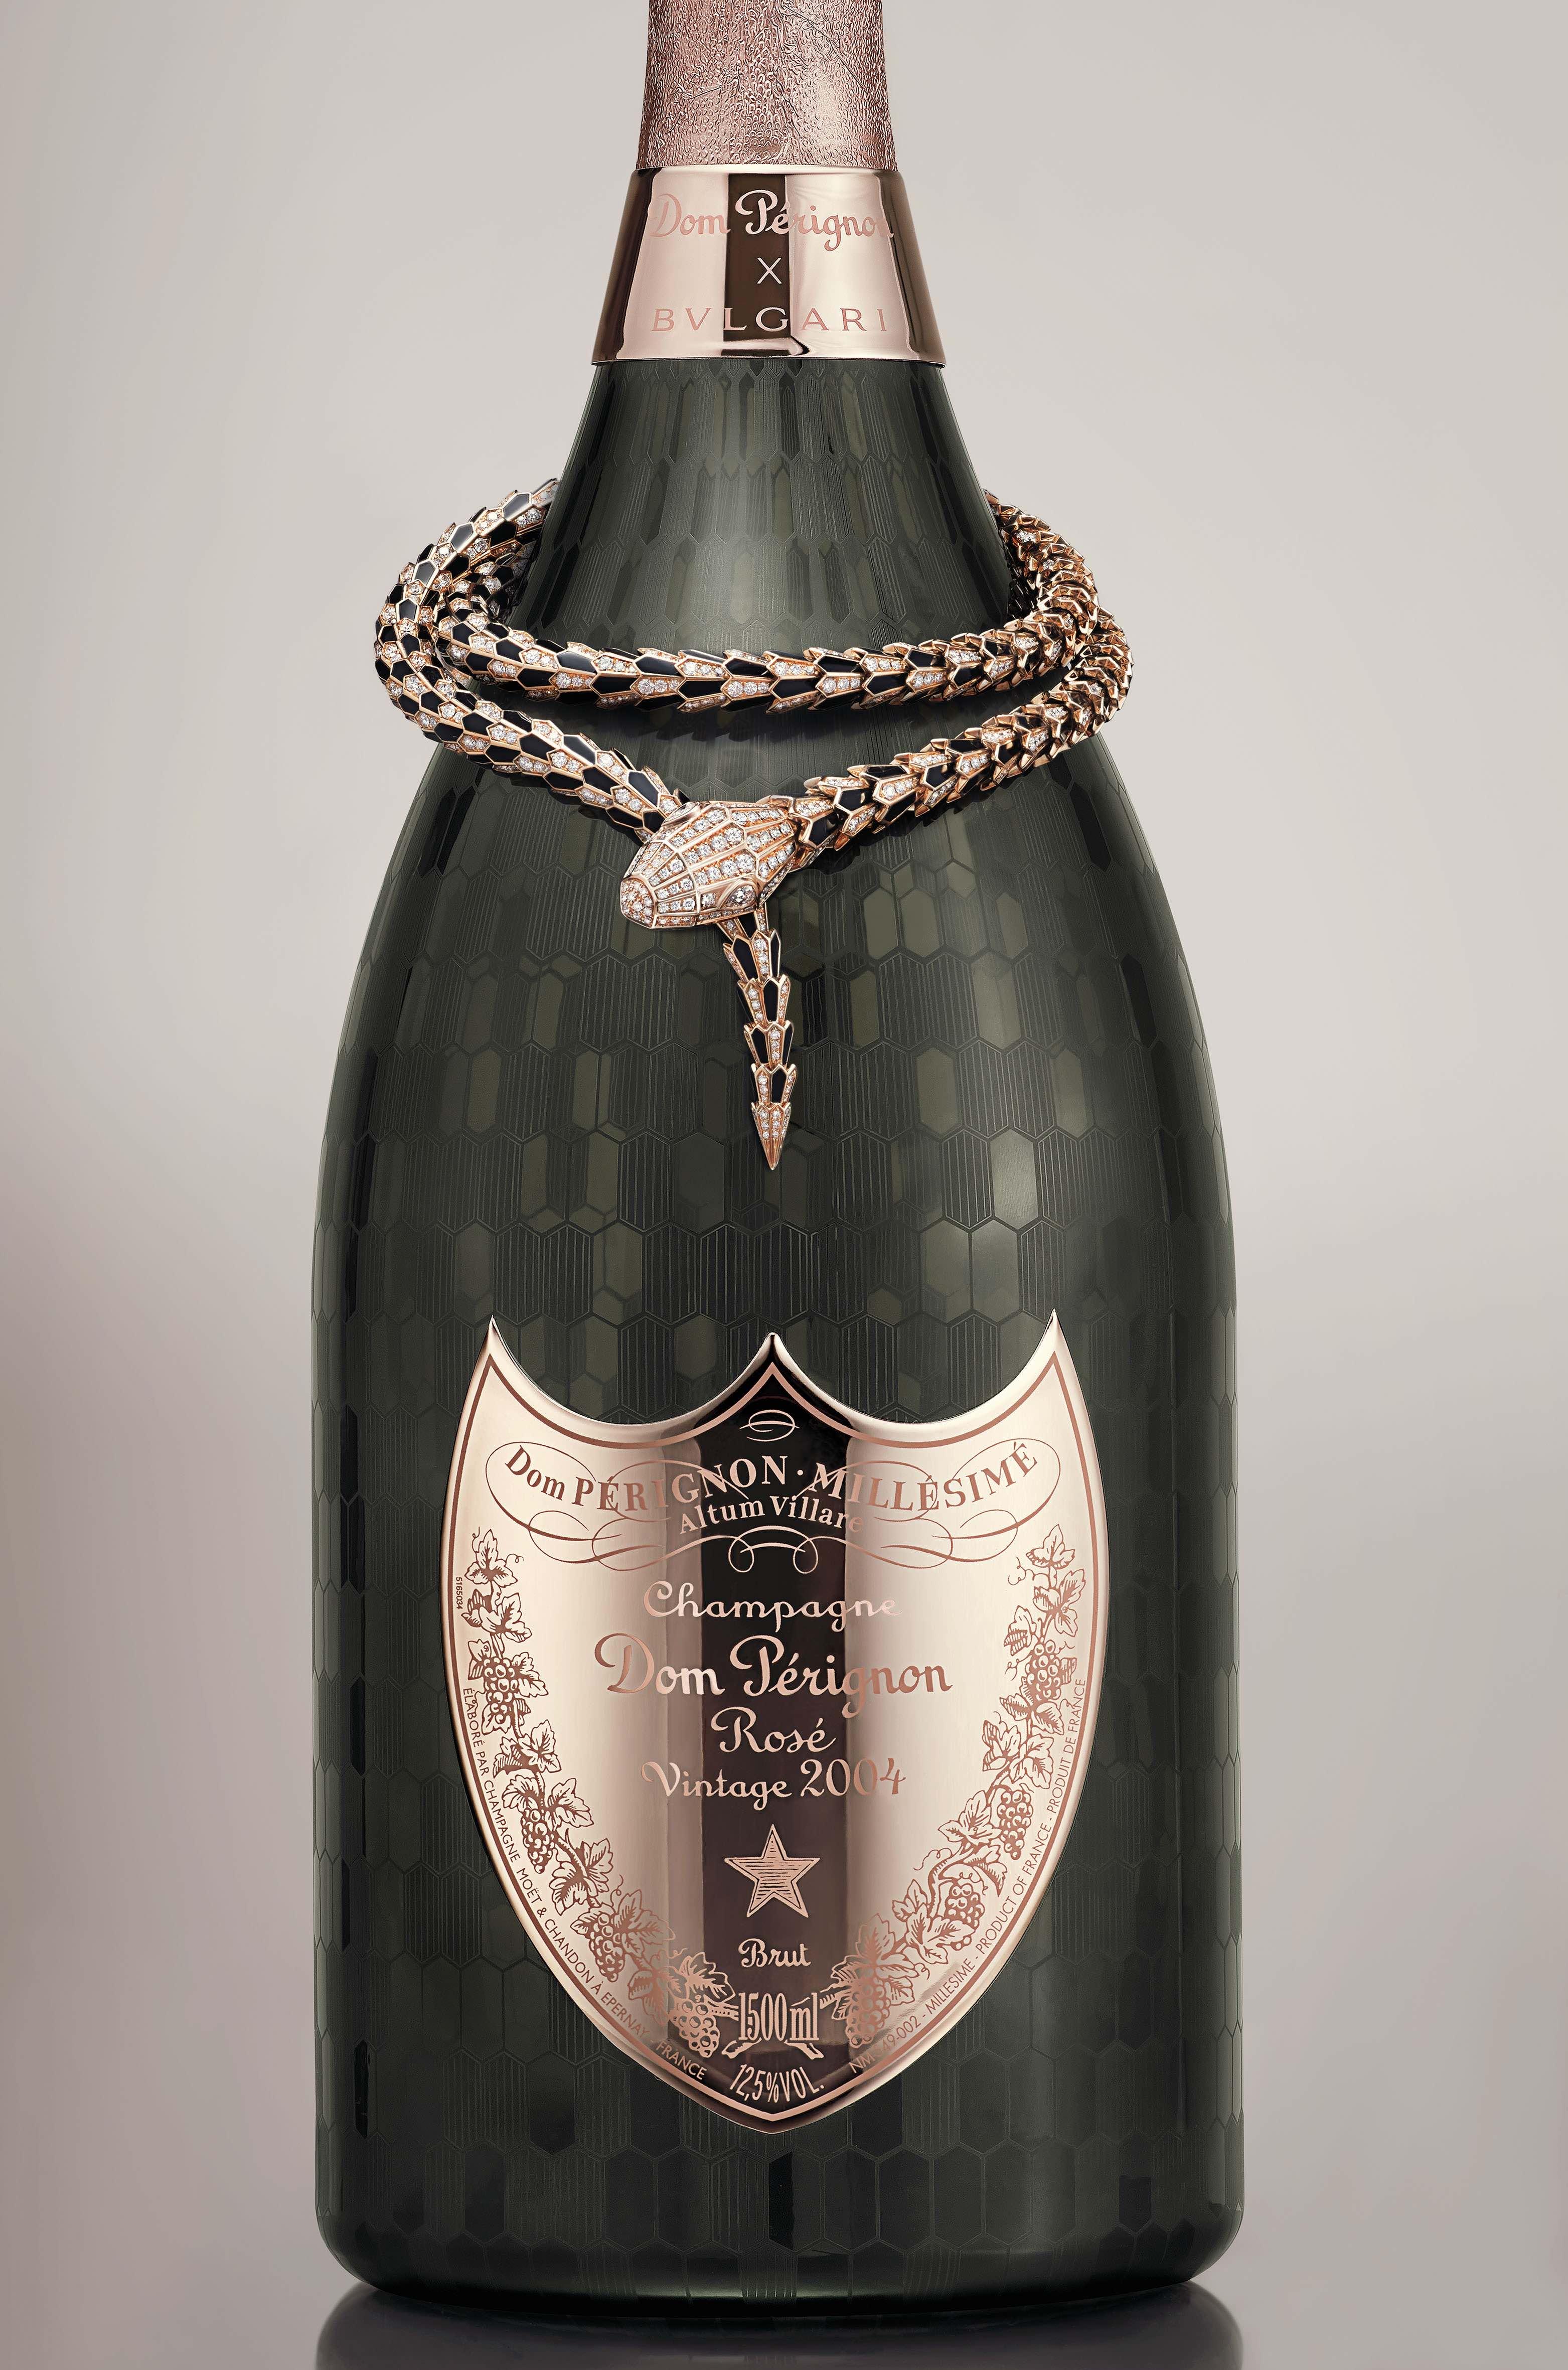 Bvlgari Serpenti x Dom Pérignon Rosé: La fusión perfecta entre el mundo de la joyería y la licorería